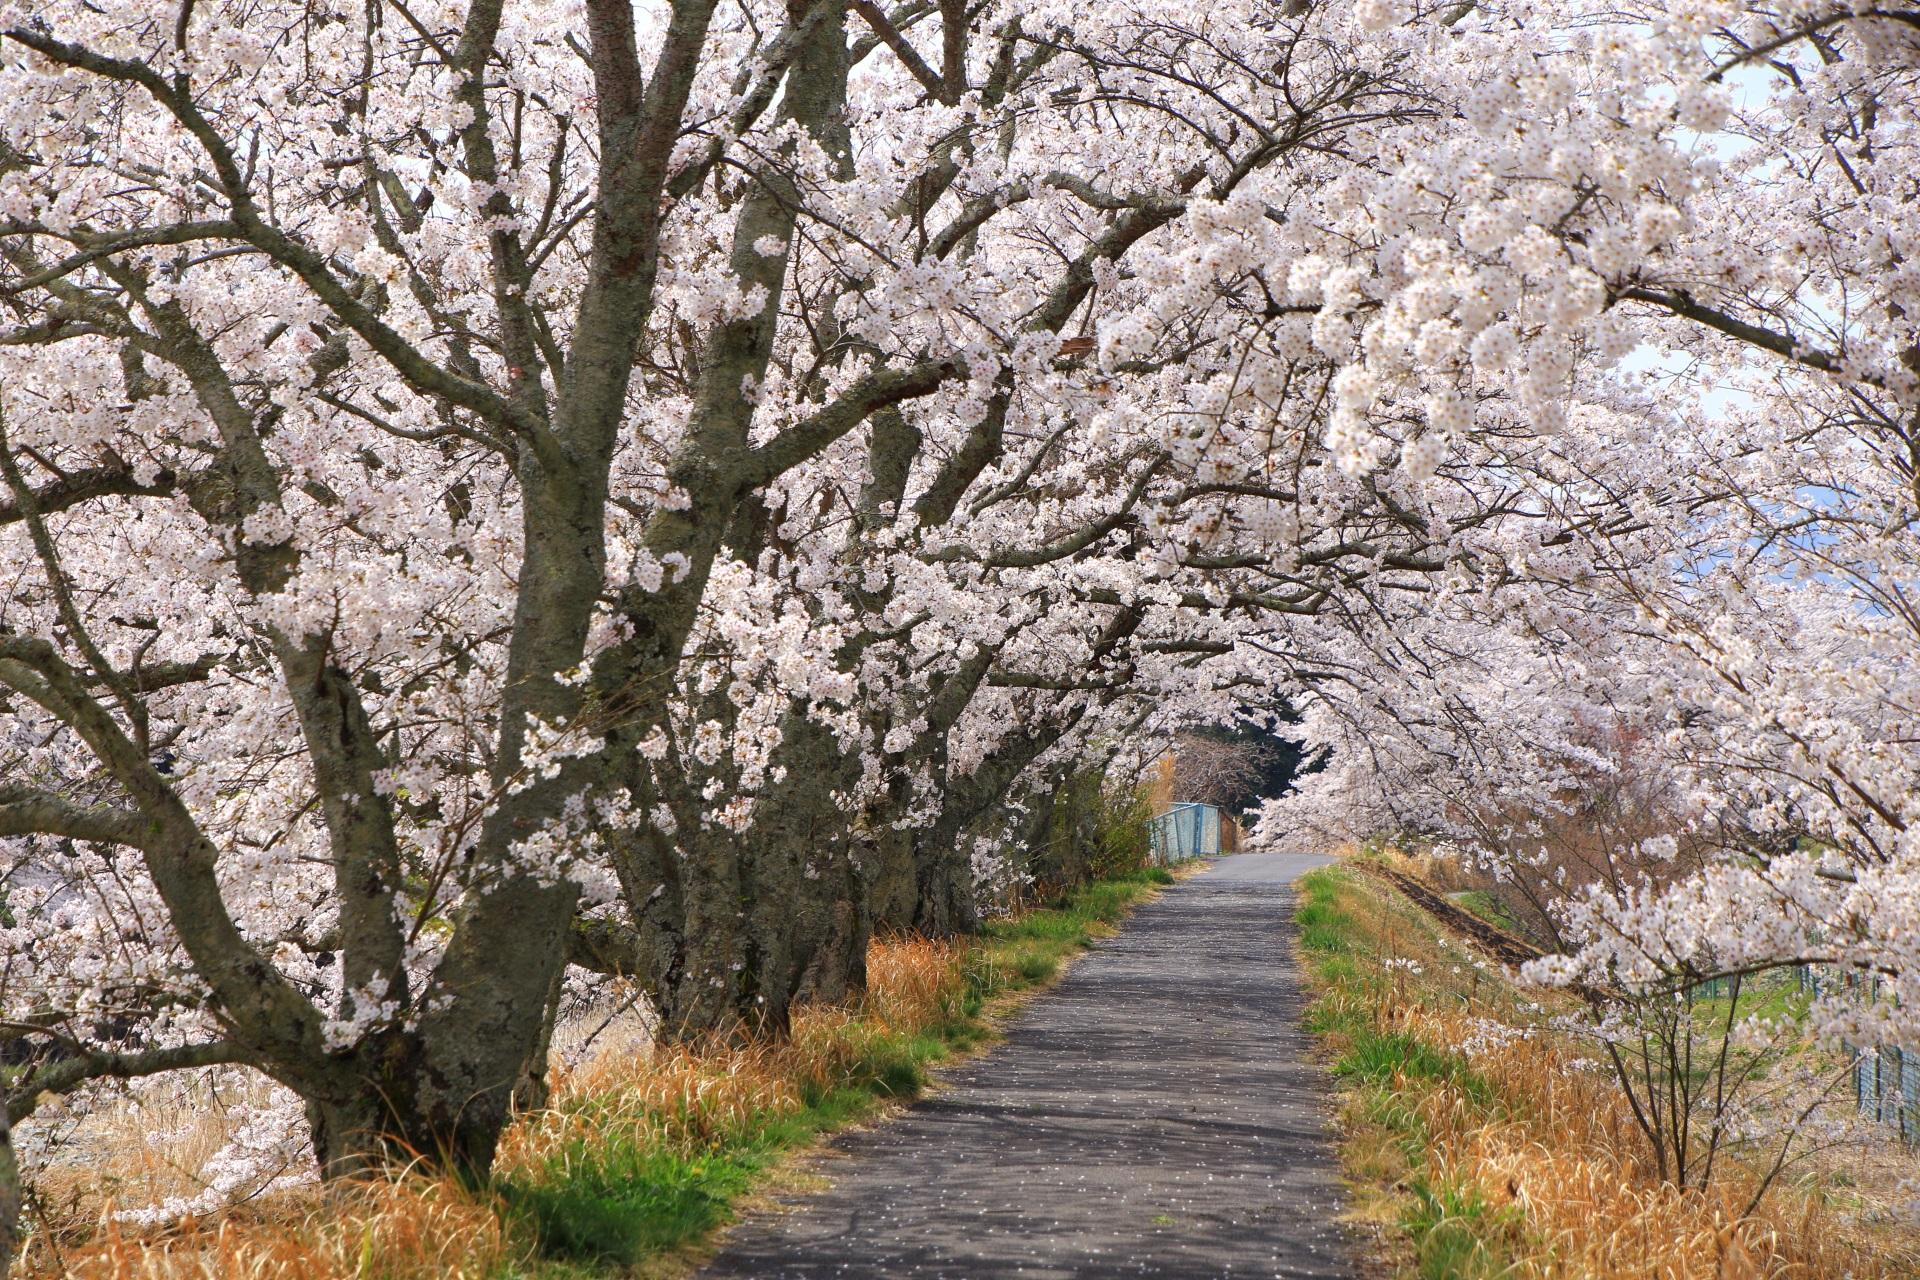 川沿いに通る和束町の凄すぎる桜の道